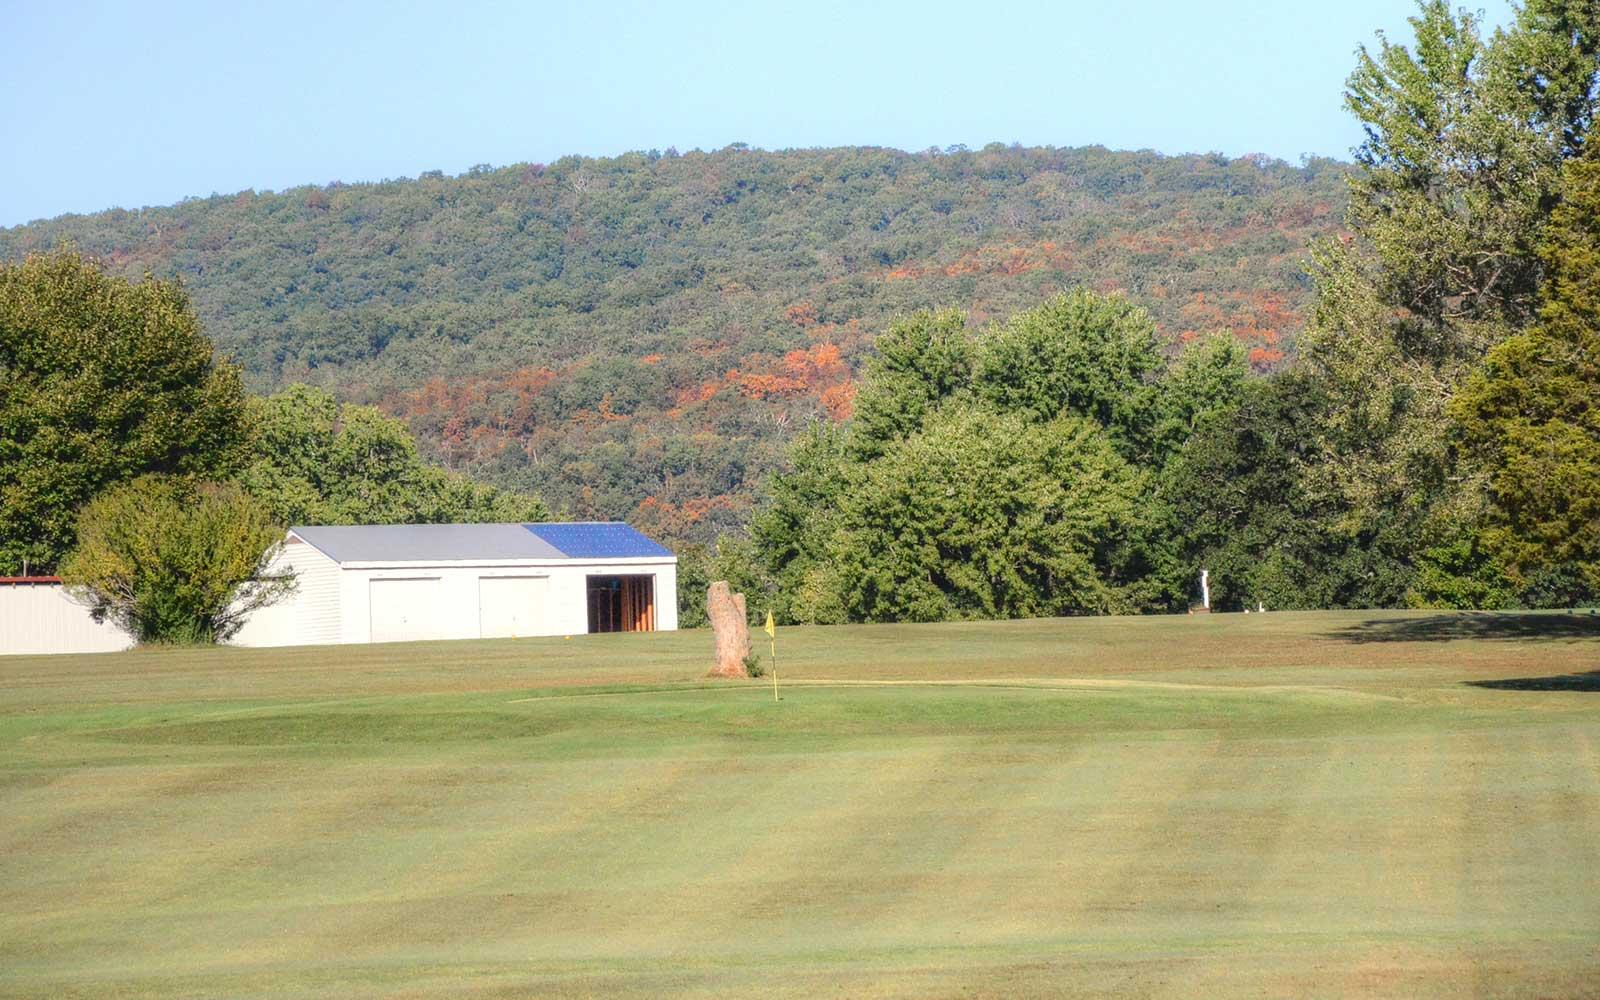 Arcadia-Valley-Country-Club,-Ironton,-MO-Mountain